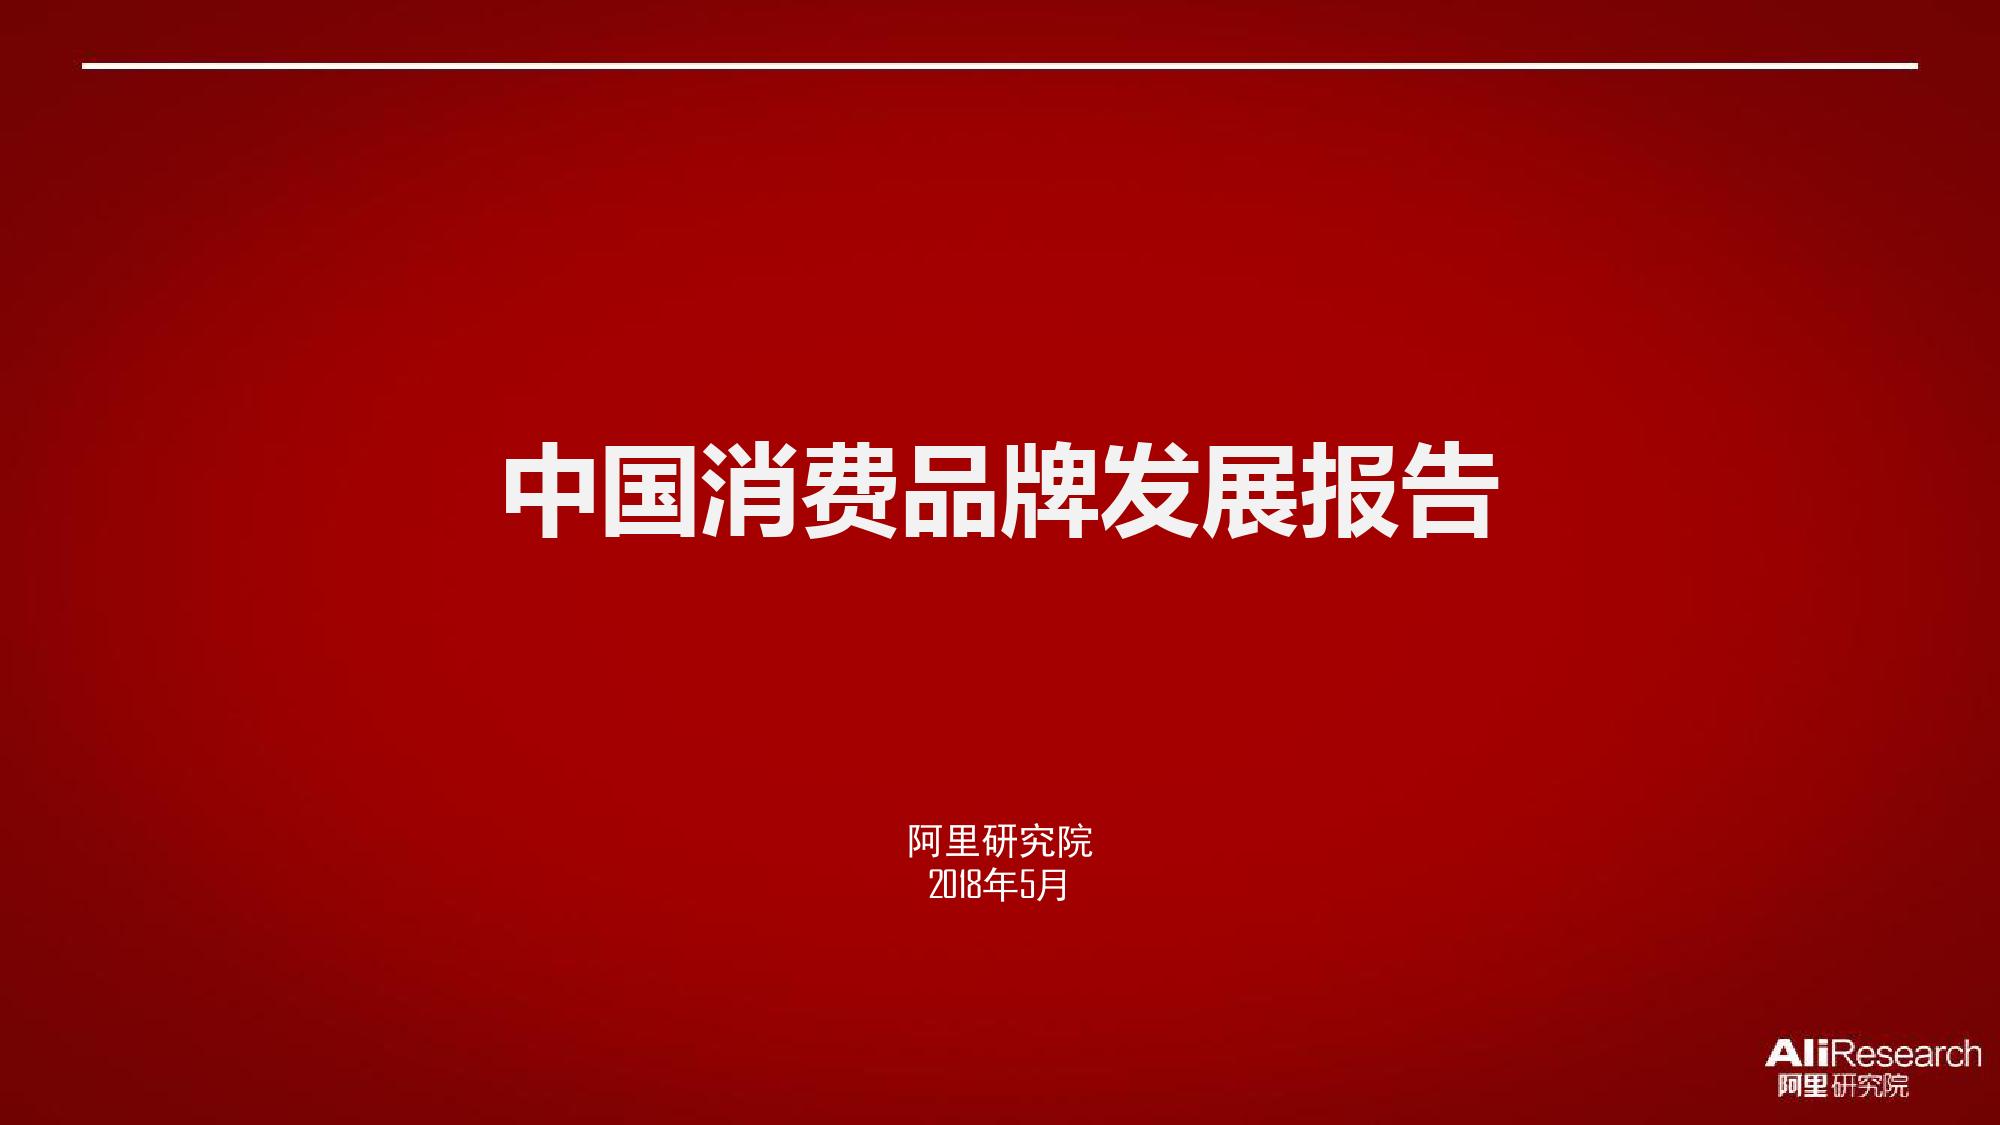 阿里研究院:中国消费品牌发展报告(附下载)